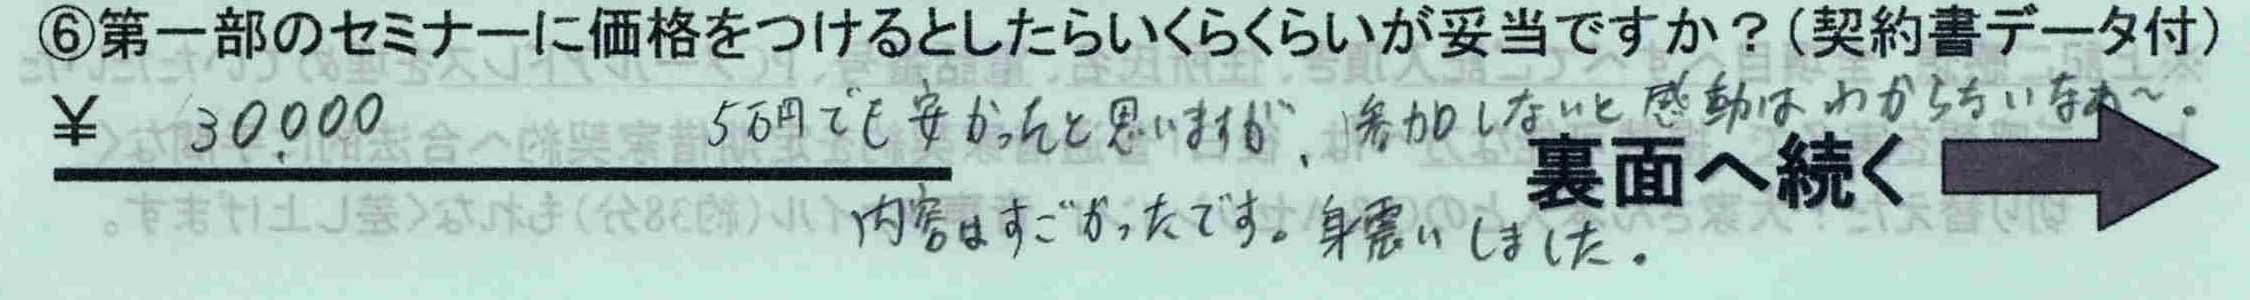 【愛知県名古屋市】【奥村秀喜さん】【一部価格】